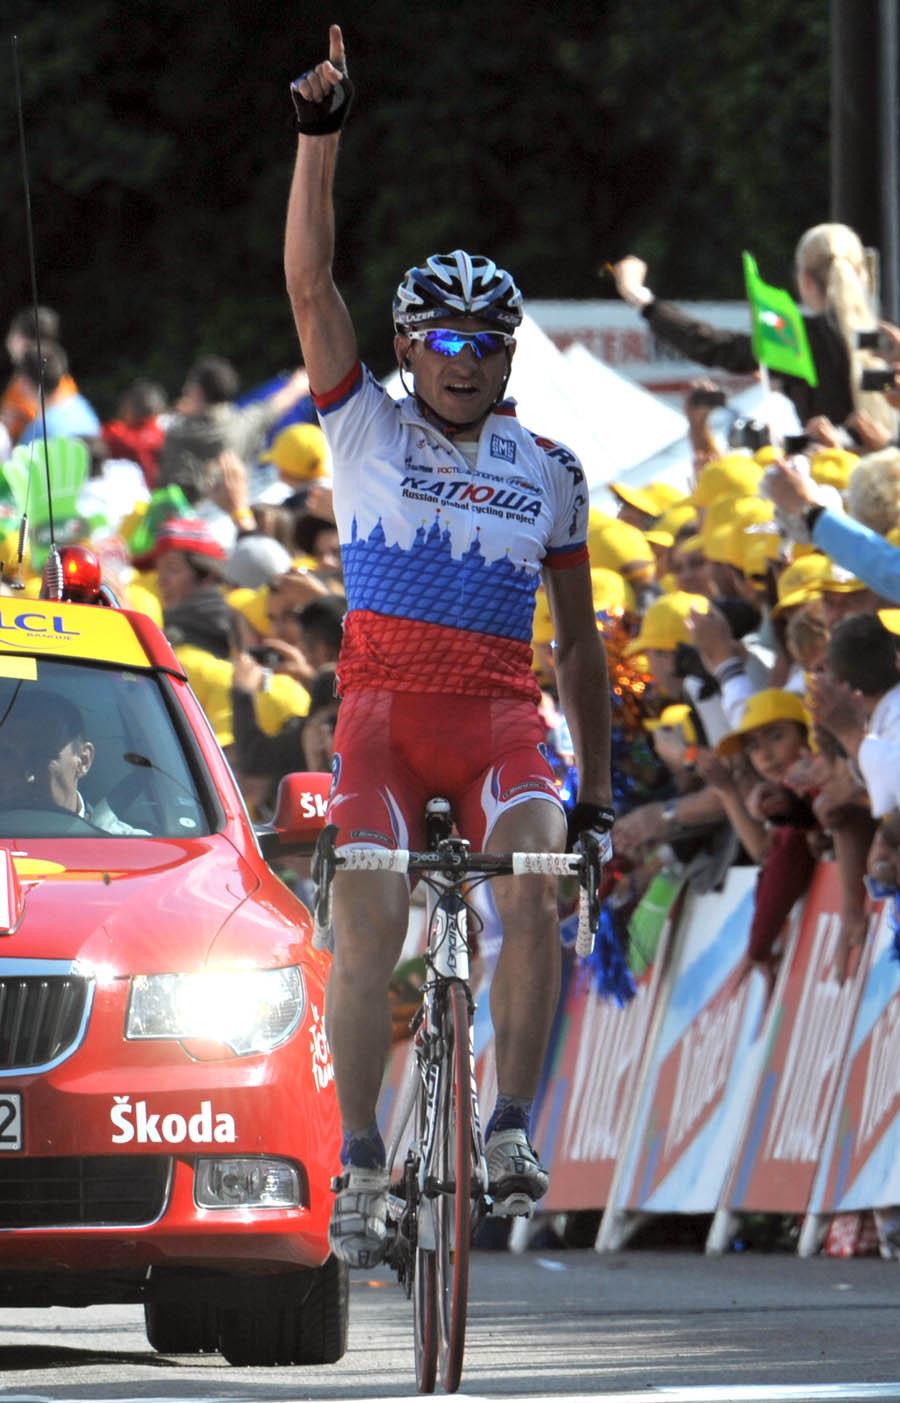 tour de france, 2009 tour de france, stage 14, tour, besancon, george hincapie, serguei ivanov, stage win, katusha, columbia htc